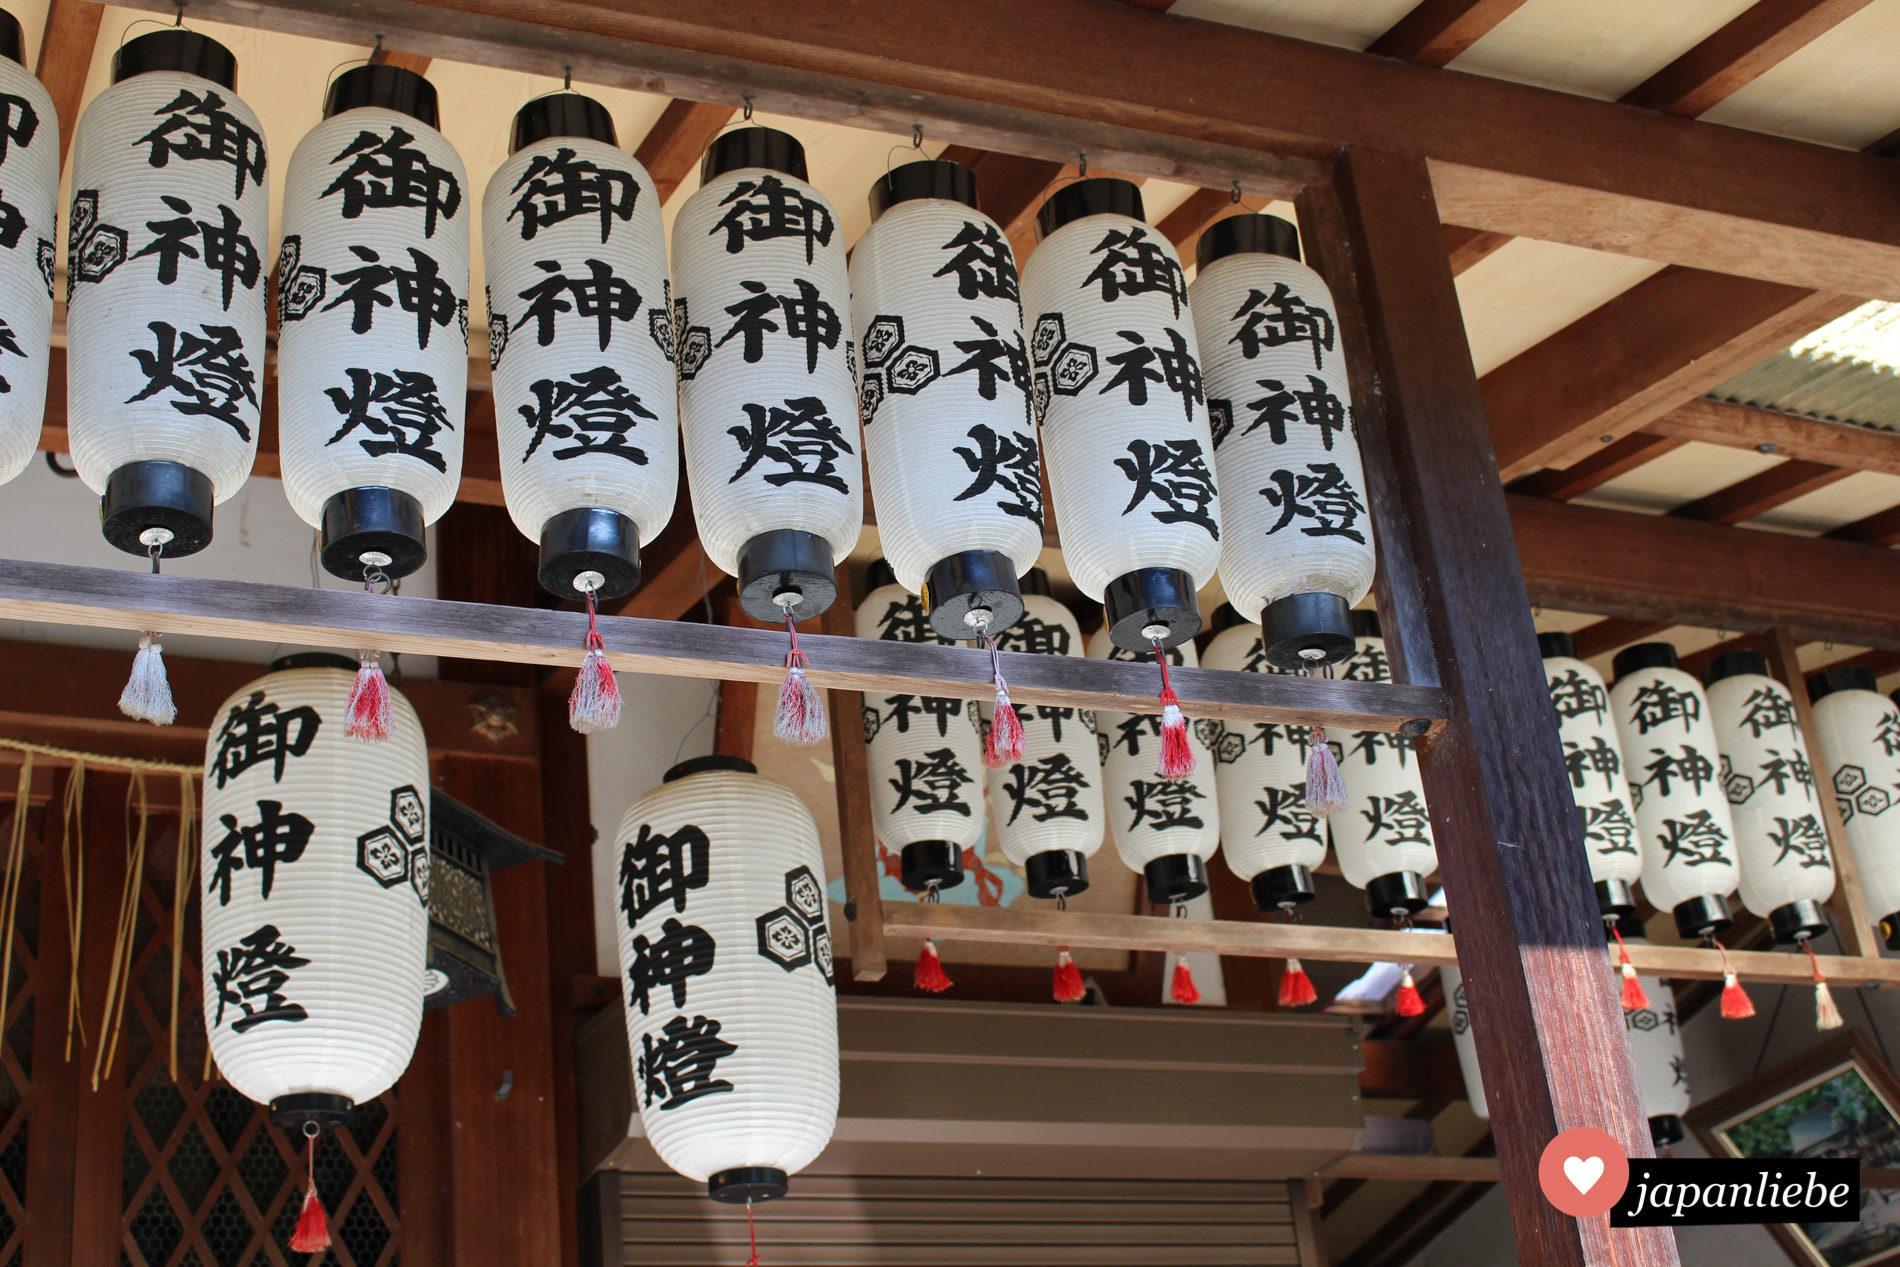 Wunderschöne Papierlaternen am kleinen Itsukushima Schrein auf dem Palastgelände in Kyōto.